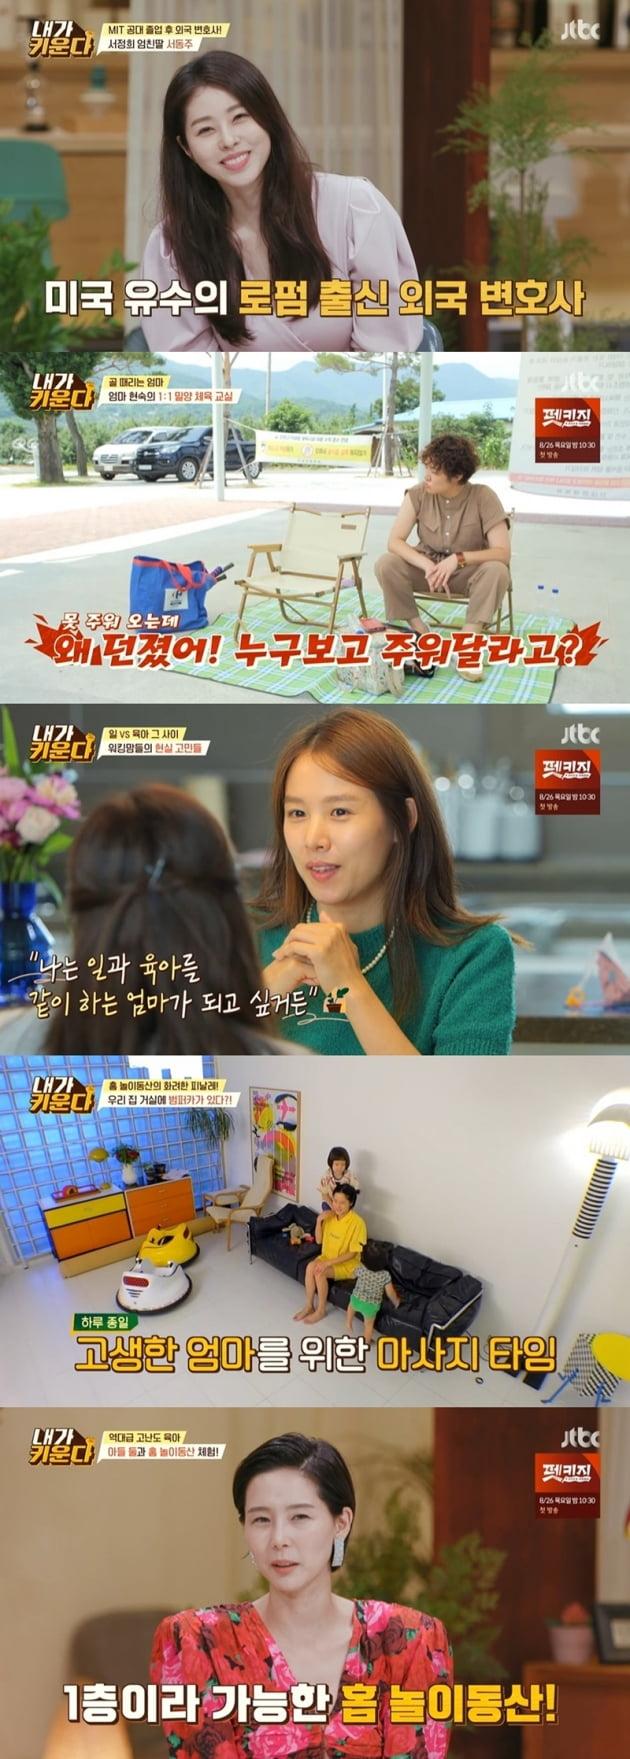 '내가 키운다' / 사진 = JTBC 영상 캡처